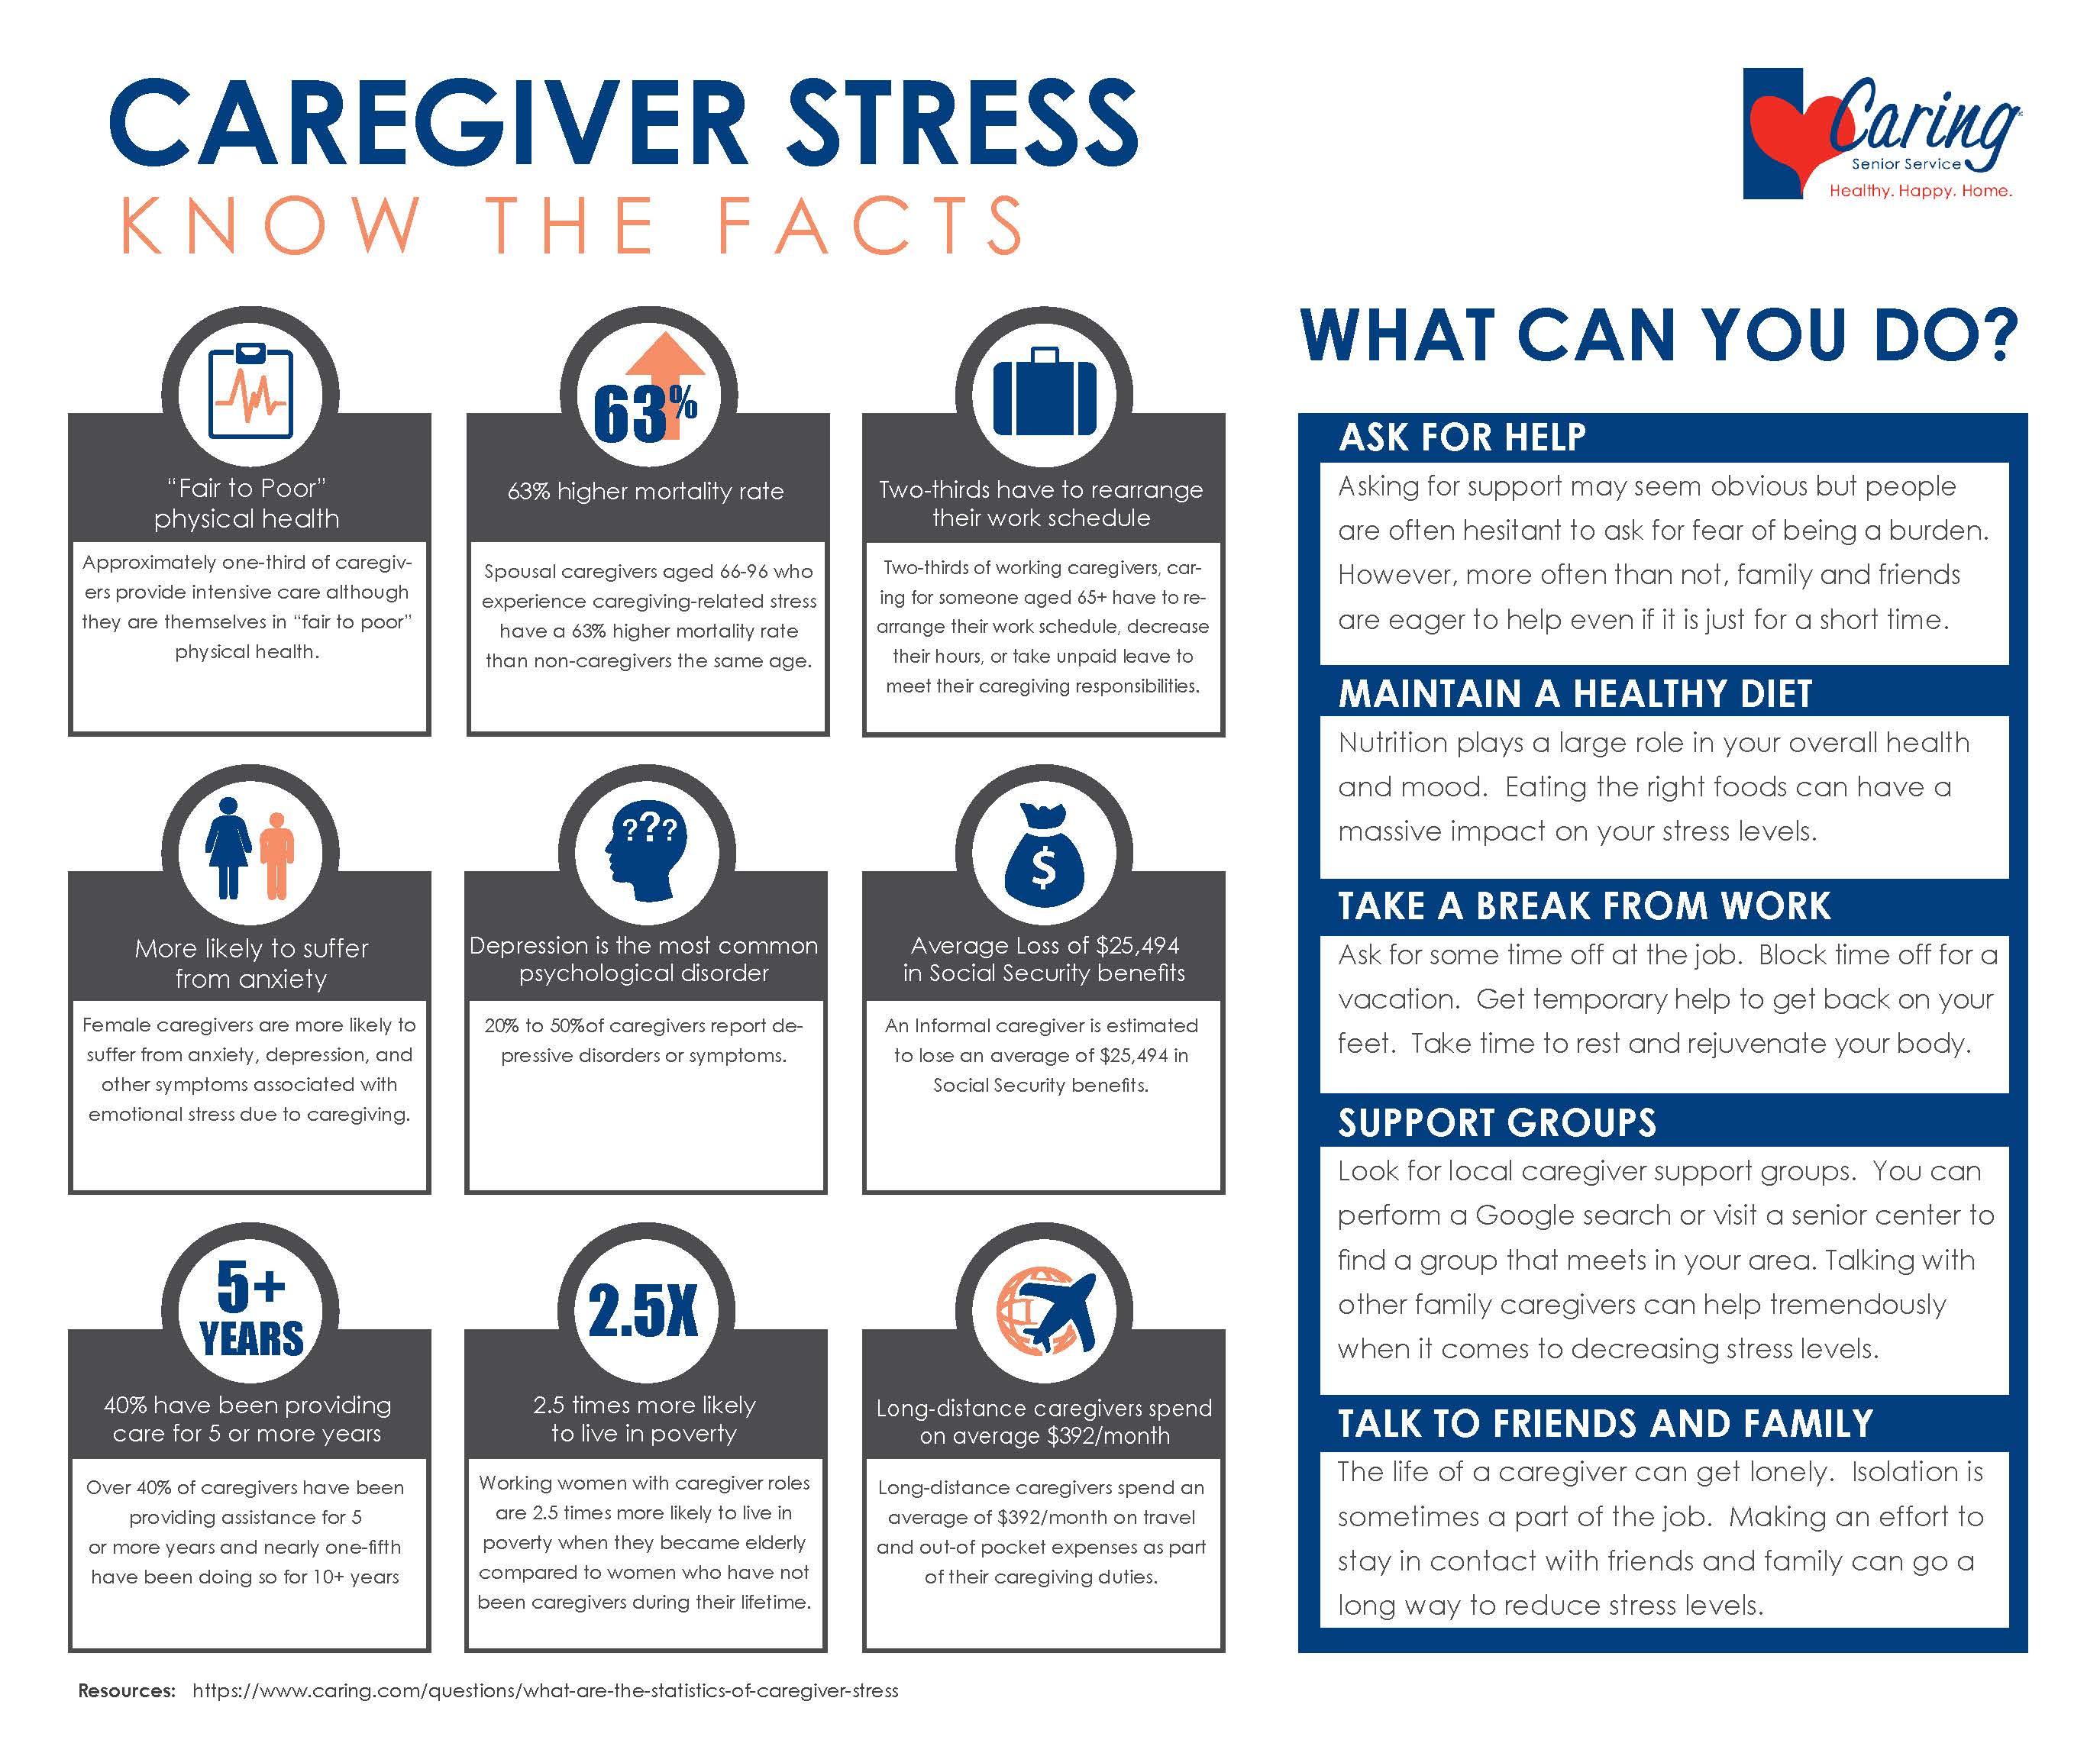 Caregiver_Stress_Fact_Sheet.jpg